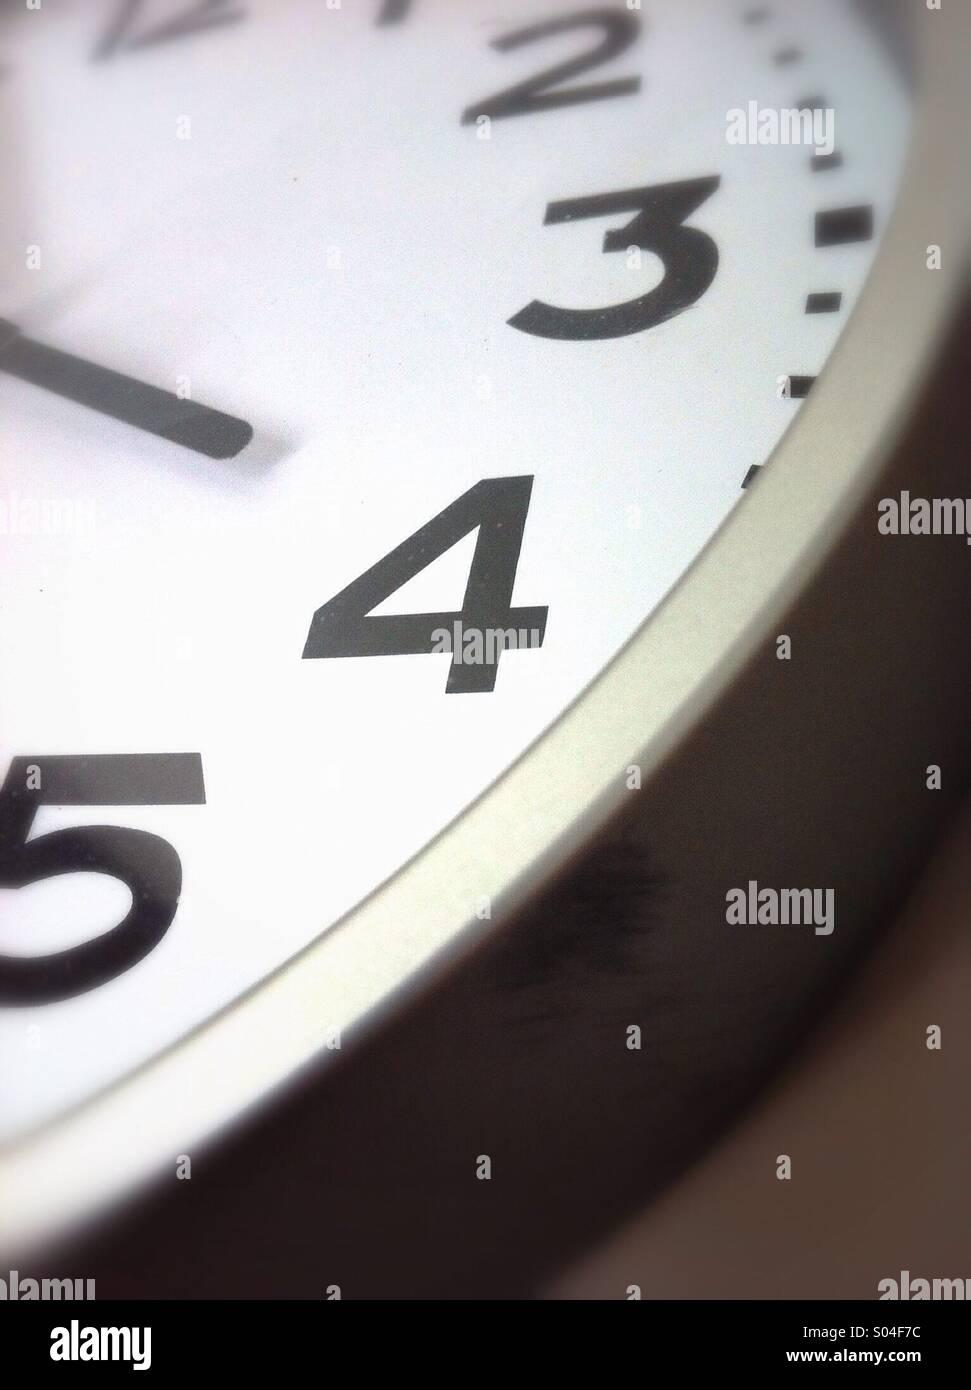 Número 4 en la cara del reloj. Imagen De Stock